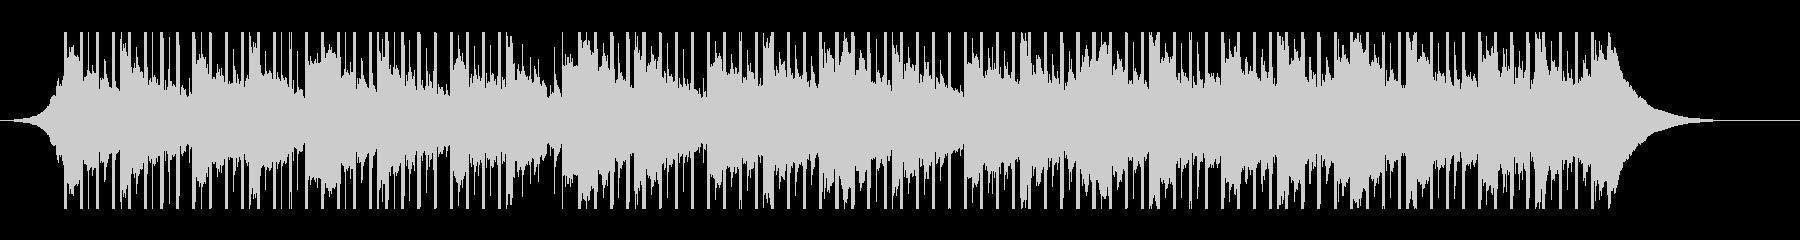 説明する(60秒)の未再生の波形